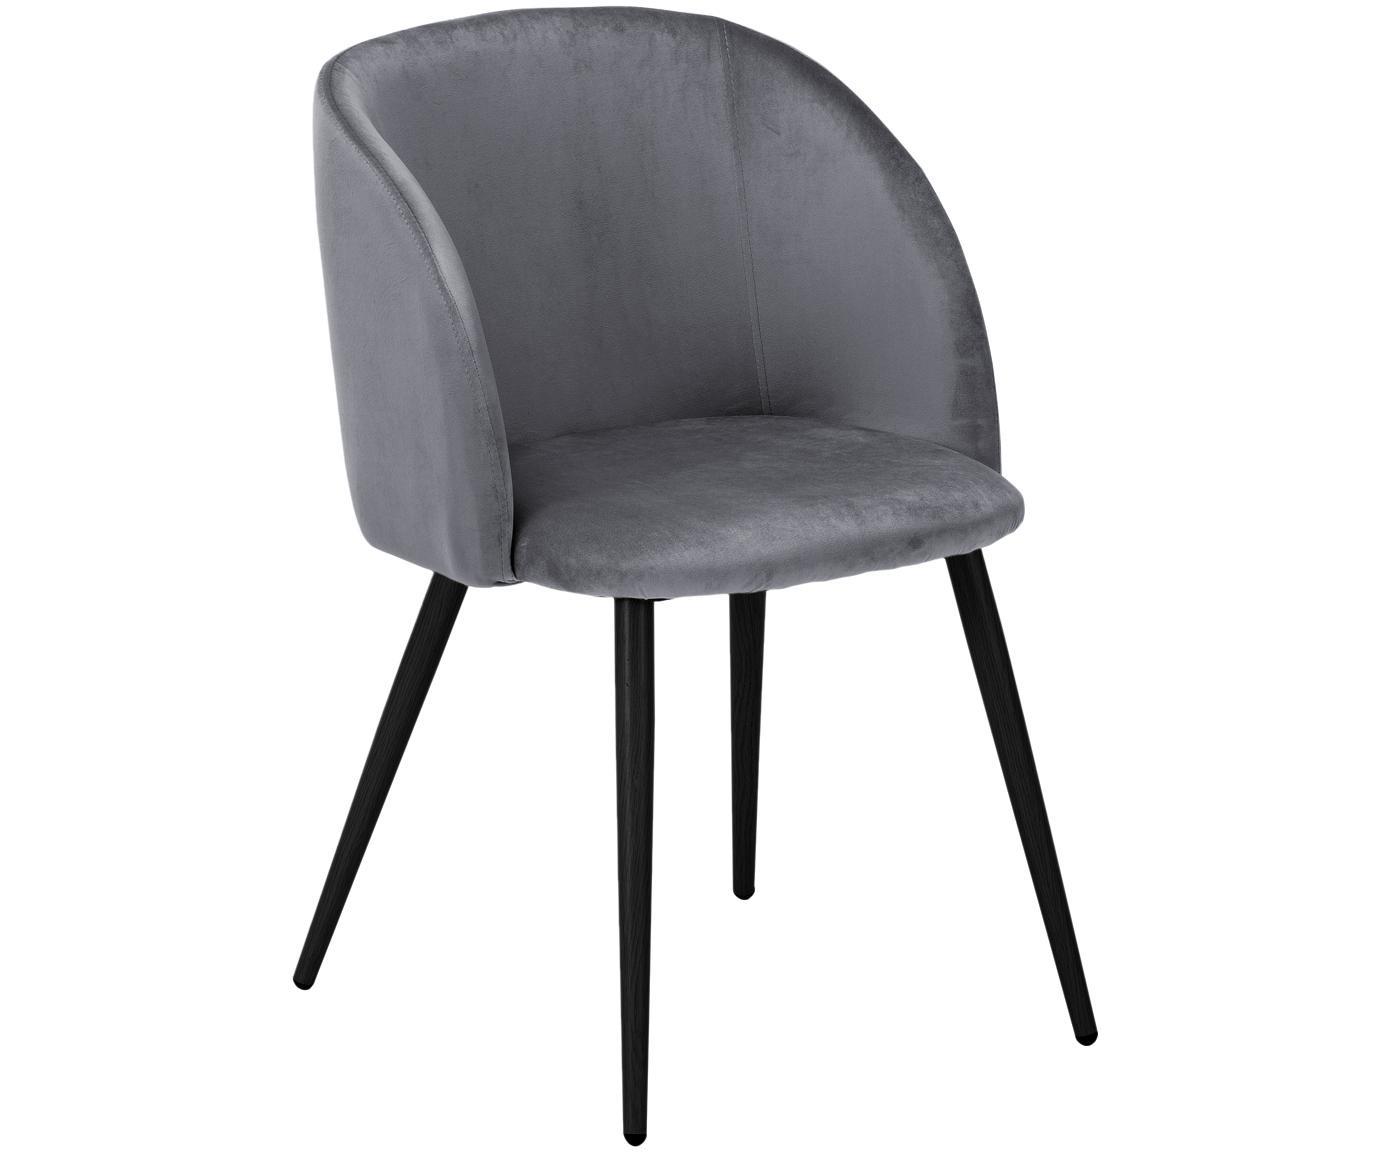 Krzesło tapicerowane z aksamitu Yoki, 2 szt., Tapicerka: aksamit (poliester) 2000, Nogi: metal malowany proszkowo, Poszewka: szary Nogi: czarny, matowy, S 53 x G 57 cm